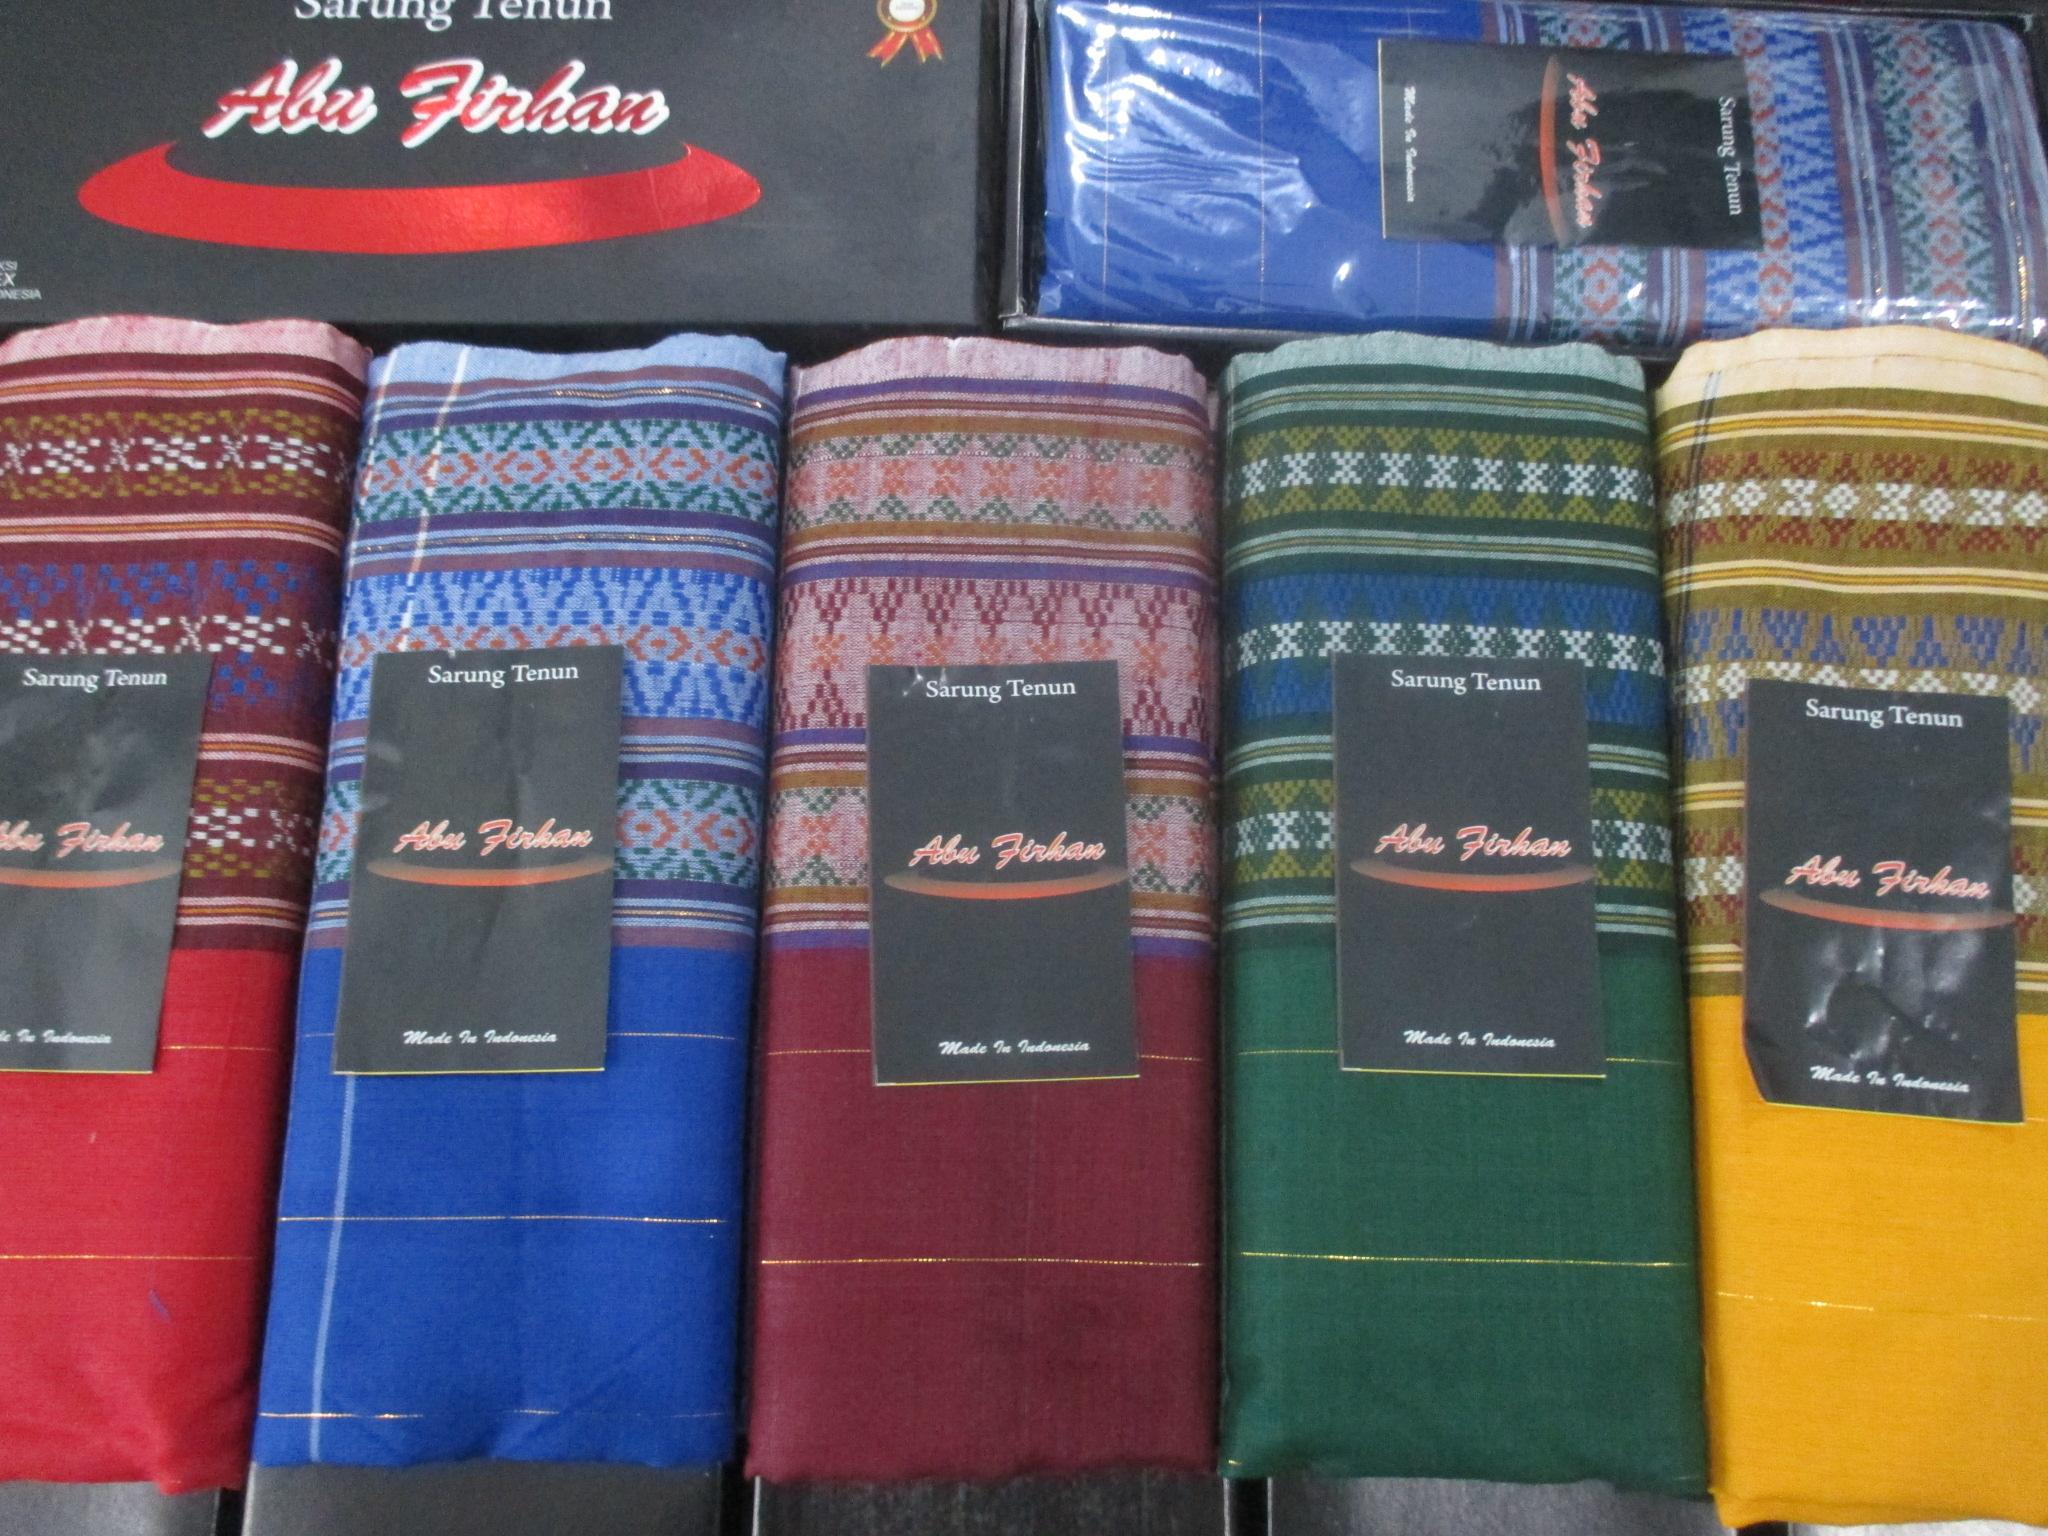 ObralanBaju.com Obral Baju Pakaian Murah Meriah 5000 Sarung Tenun Abu Firhan